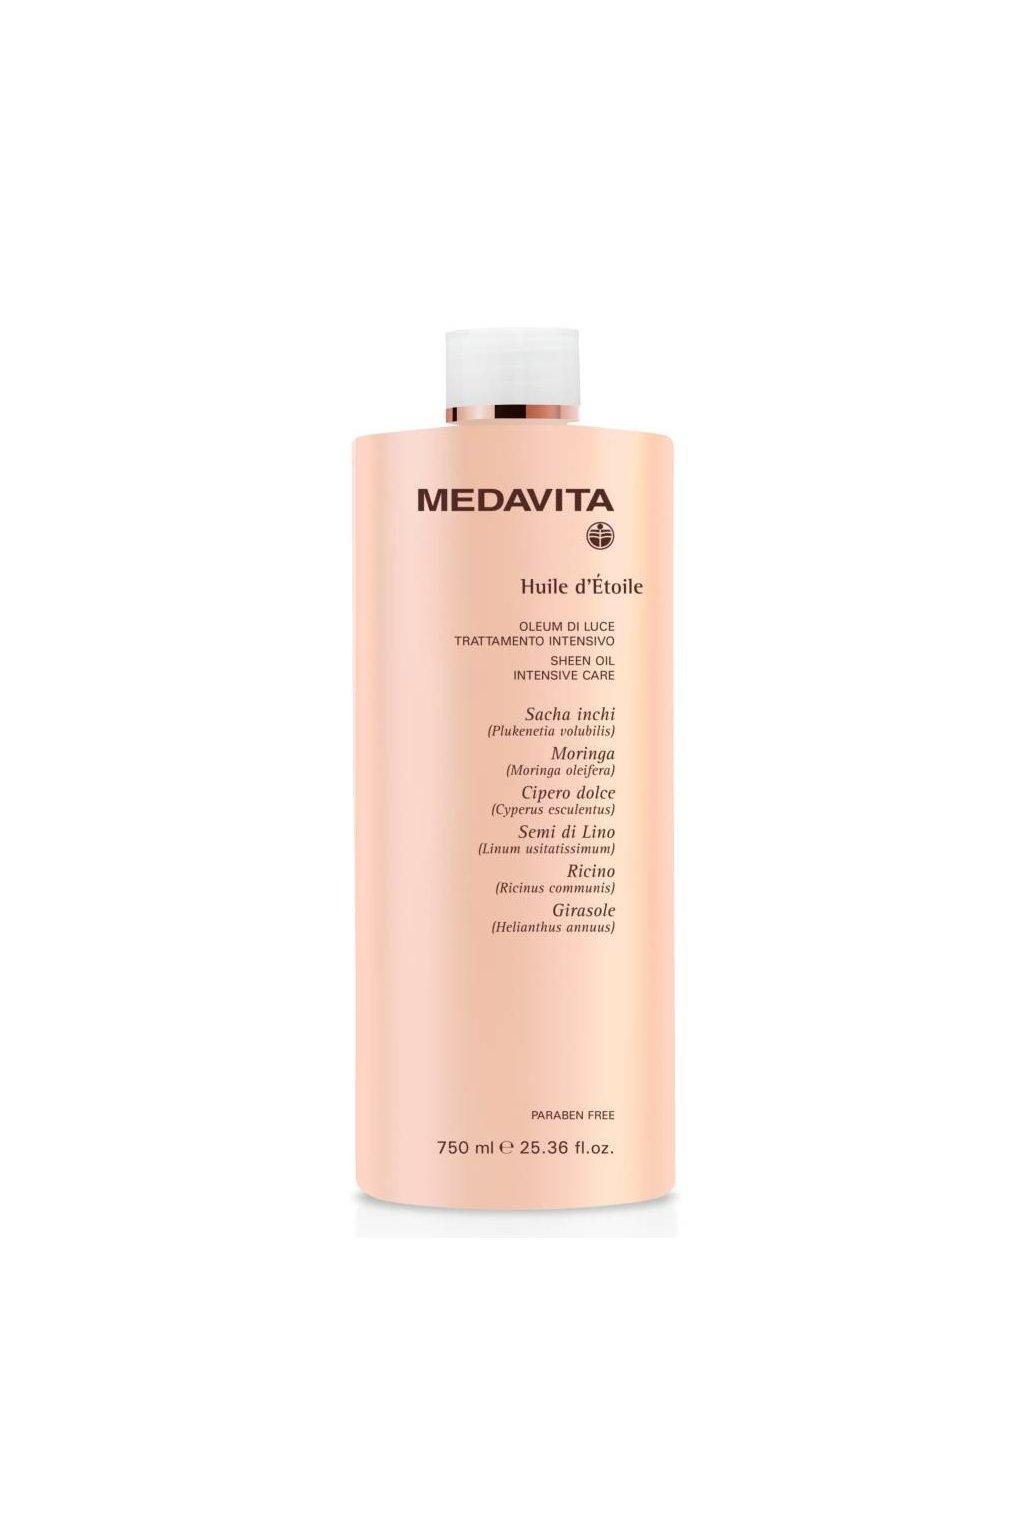 Medavita HUILE d'Etoile Zábal OLEUM koncentrát olejů pro intenzivní péči před mytím vlasů 750ml